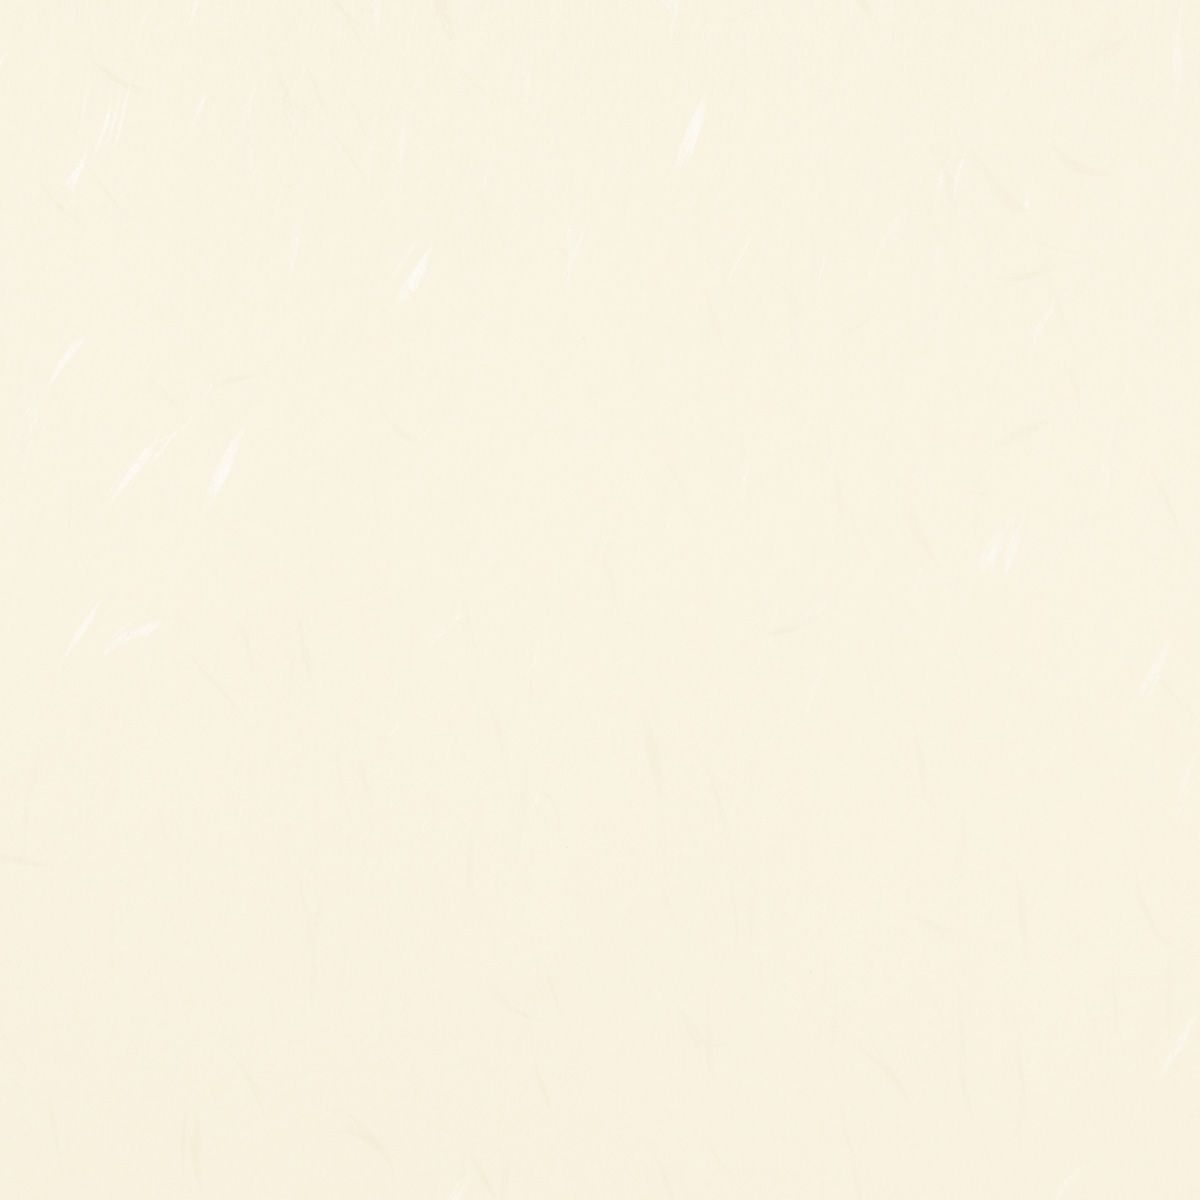 月華ニューカラー B4サイズ(50枚入) No.7 ウスクリーム